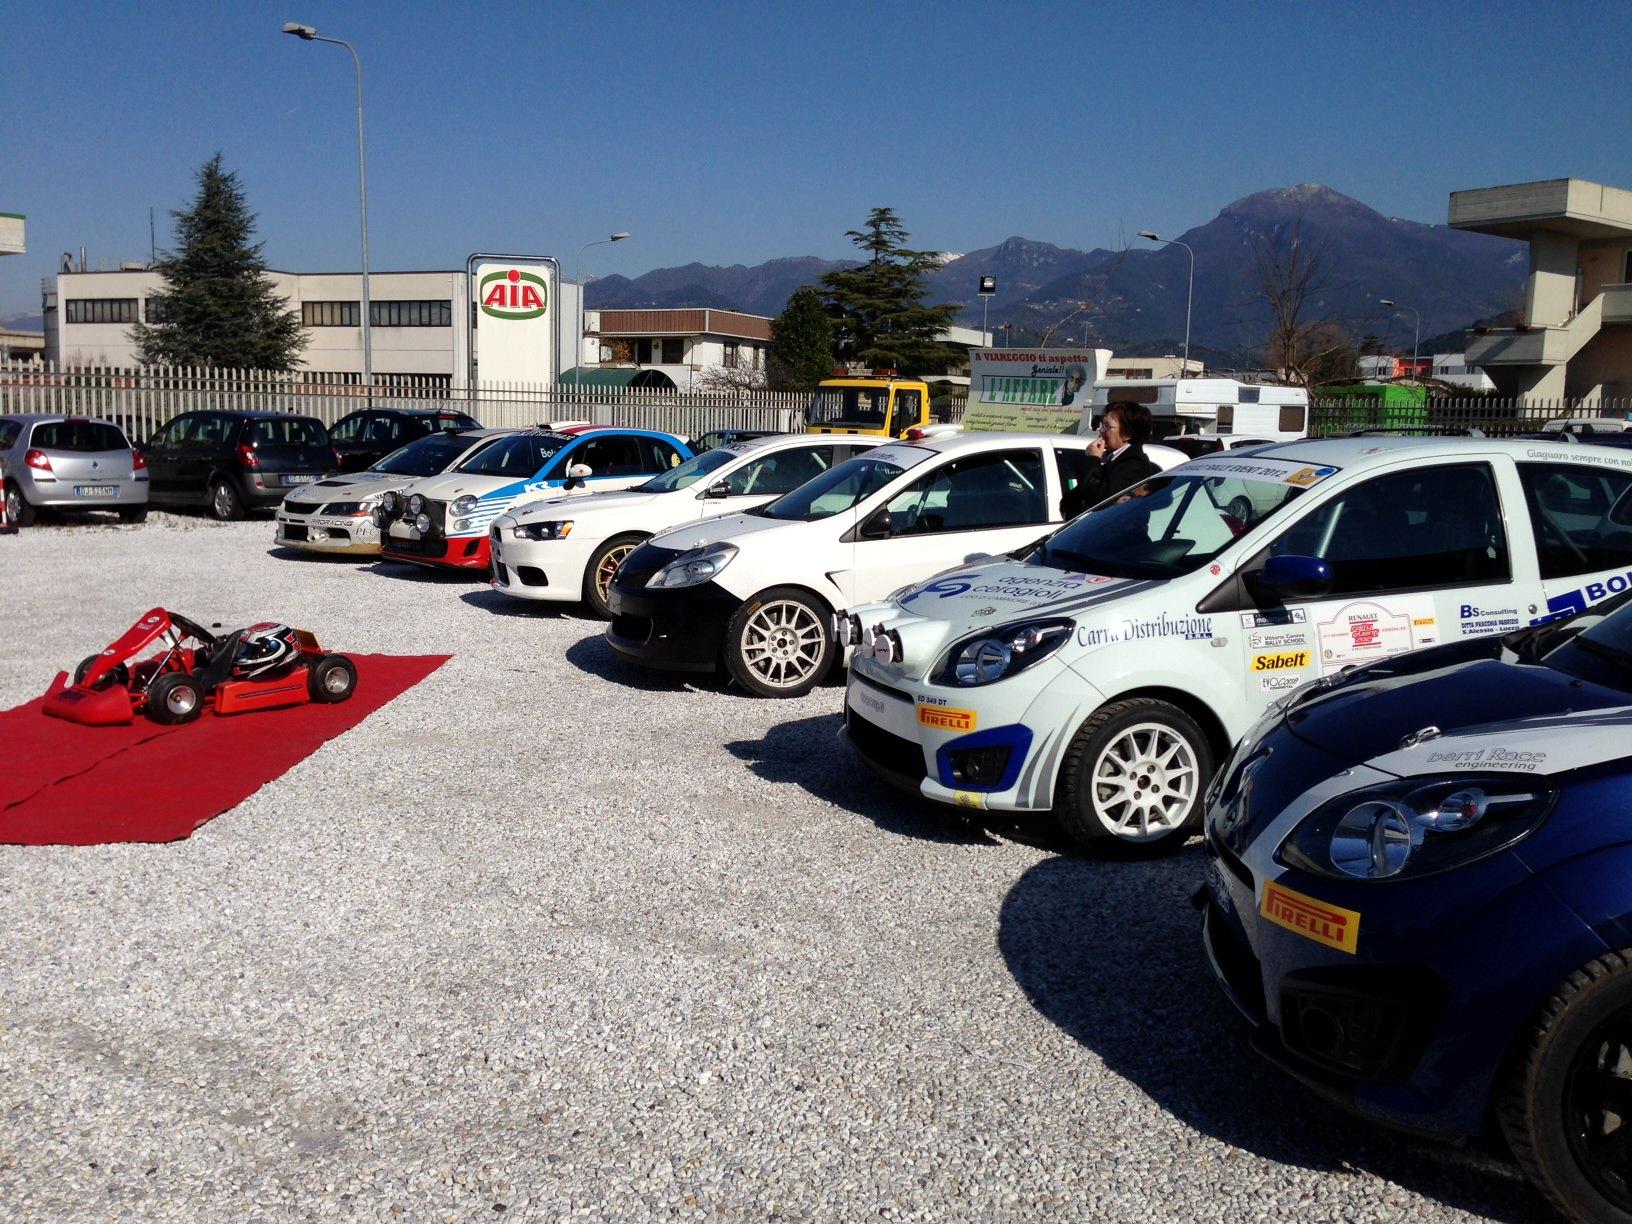 """Camaiore MotorSport: """"Il sindaco Del Dotto prenda una posizione chiara sul rally"""""""